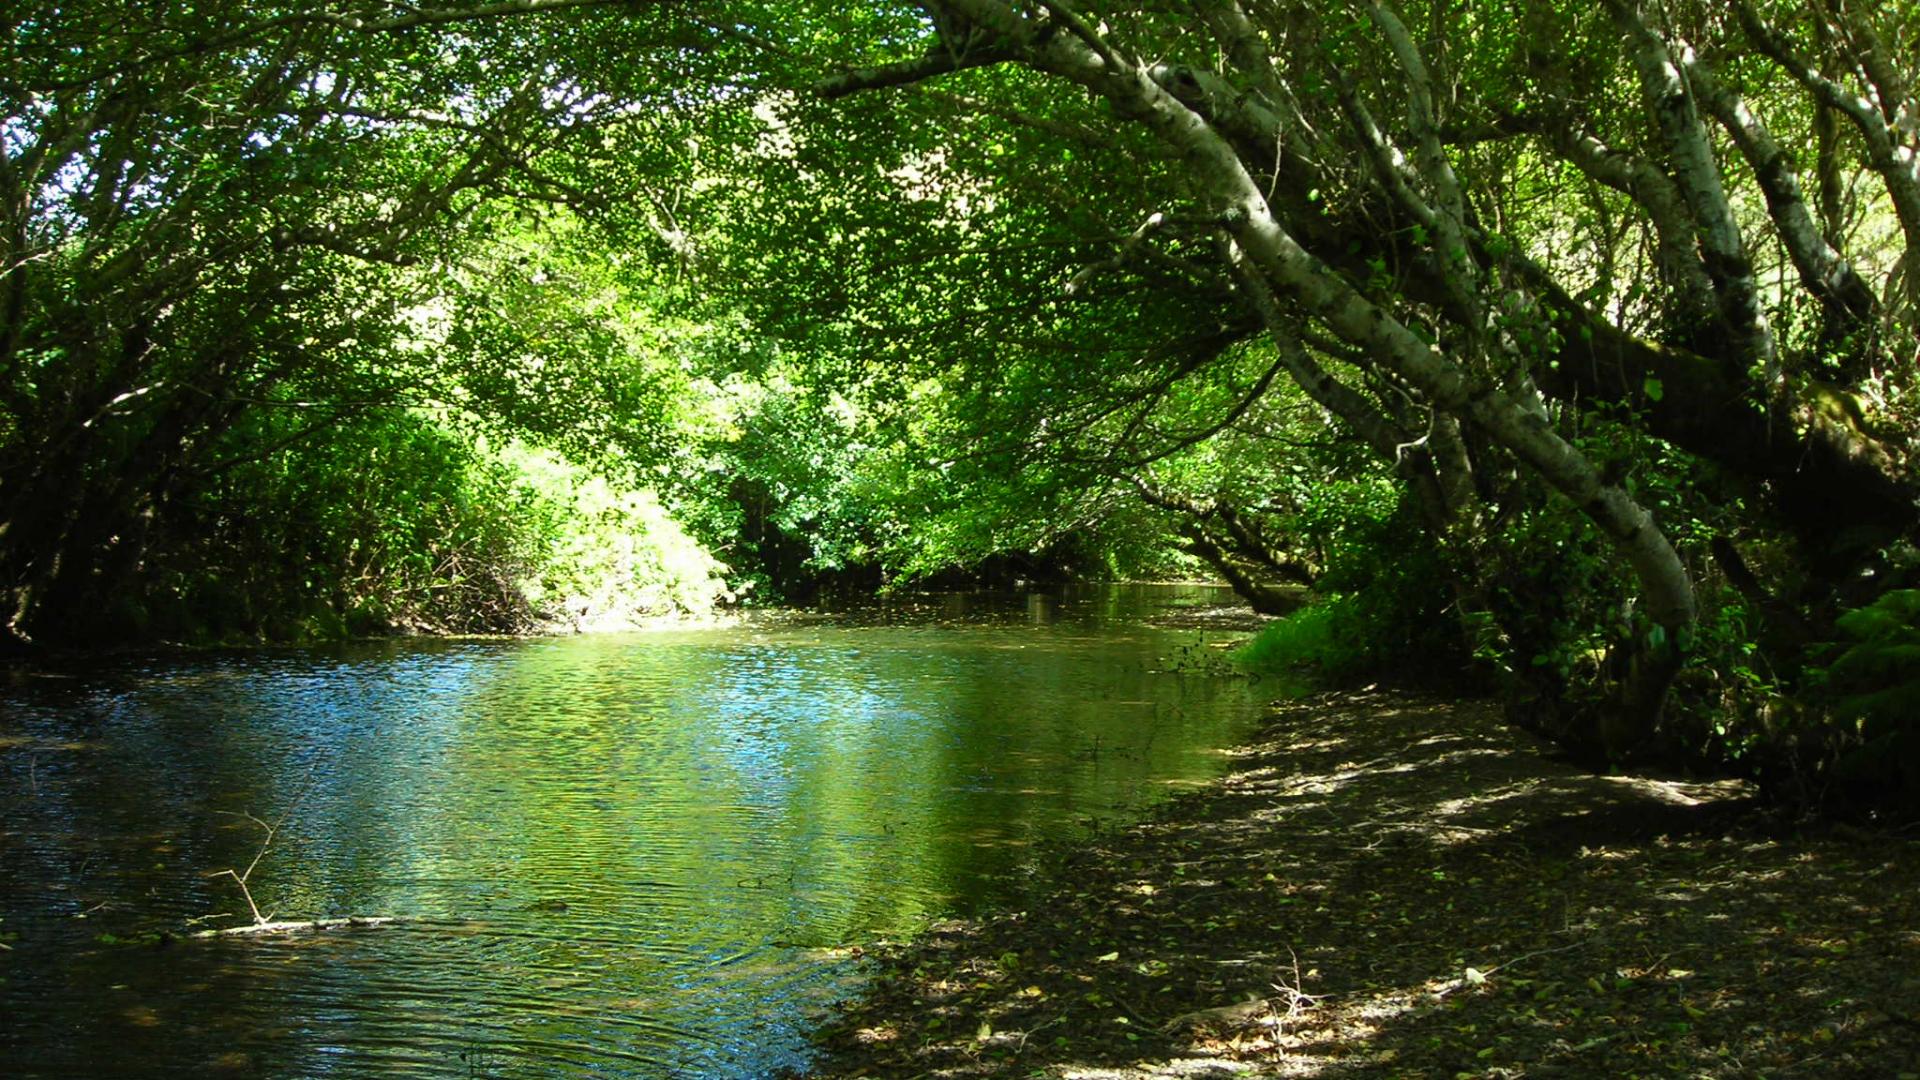 Salmon Creek - Sonoma County, CA